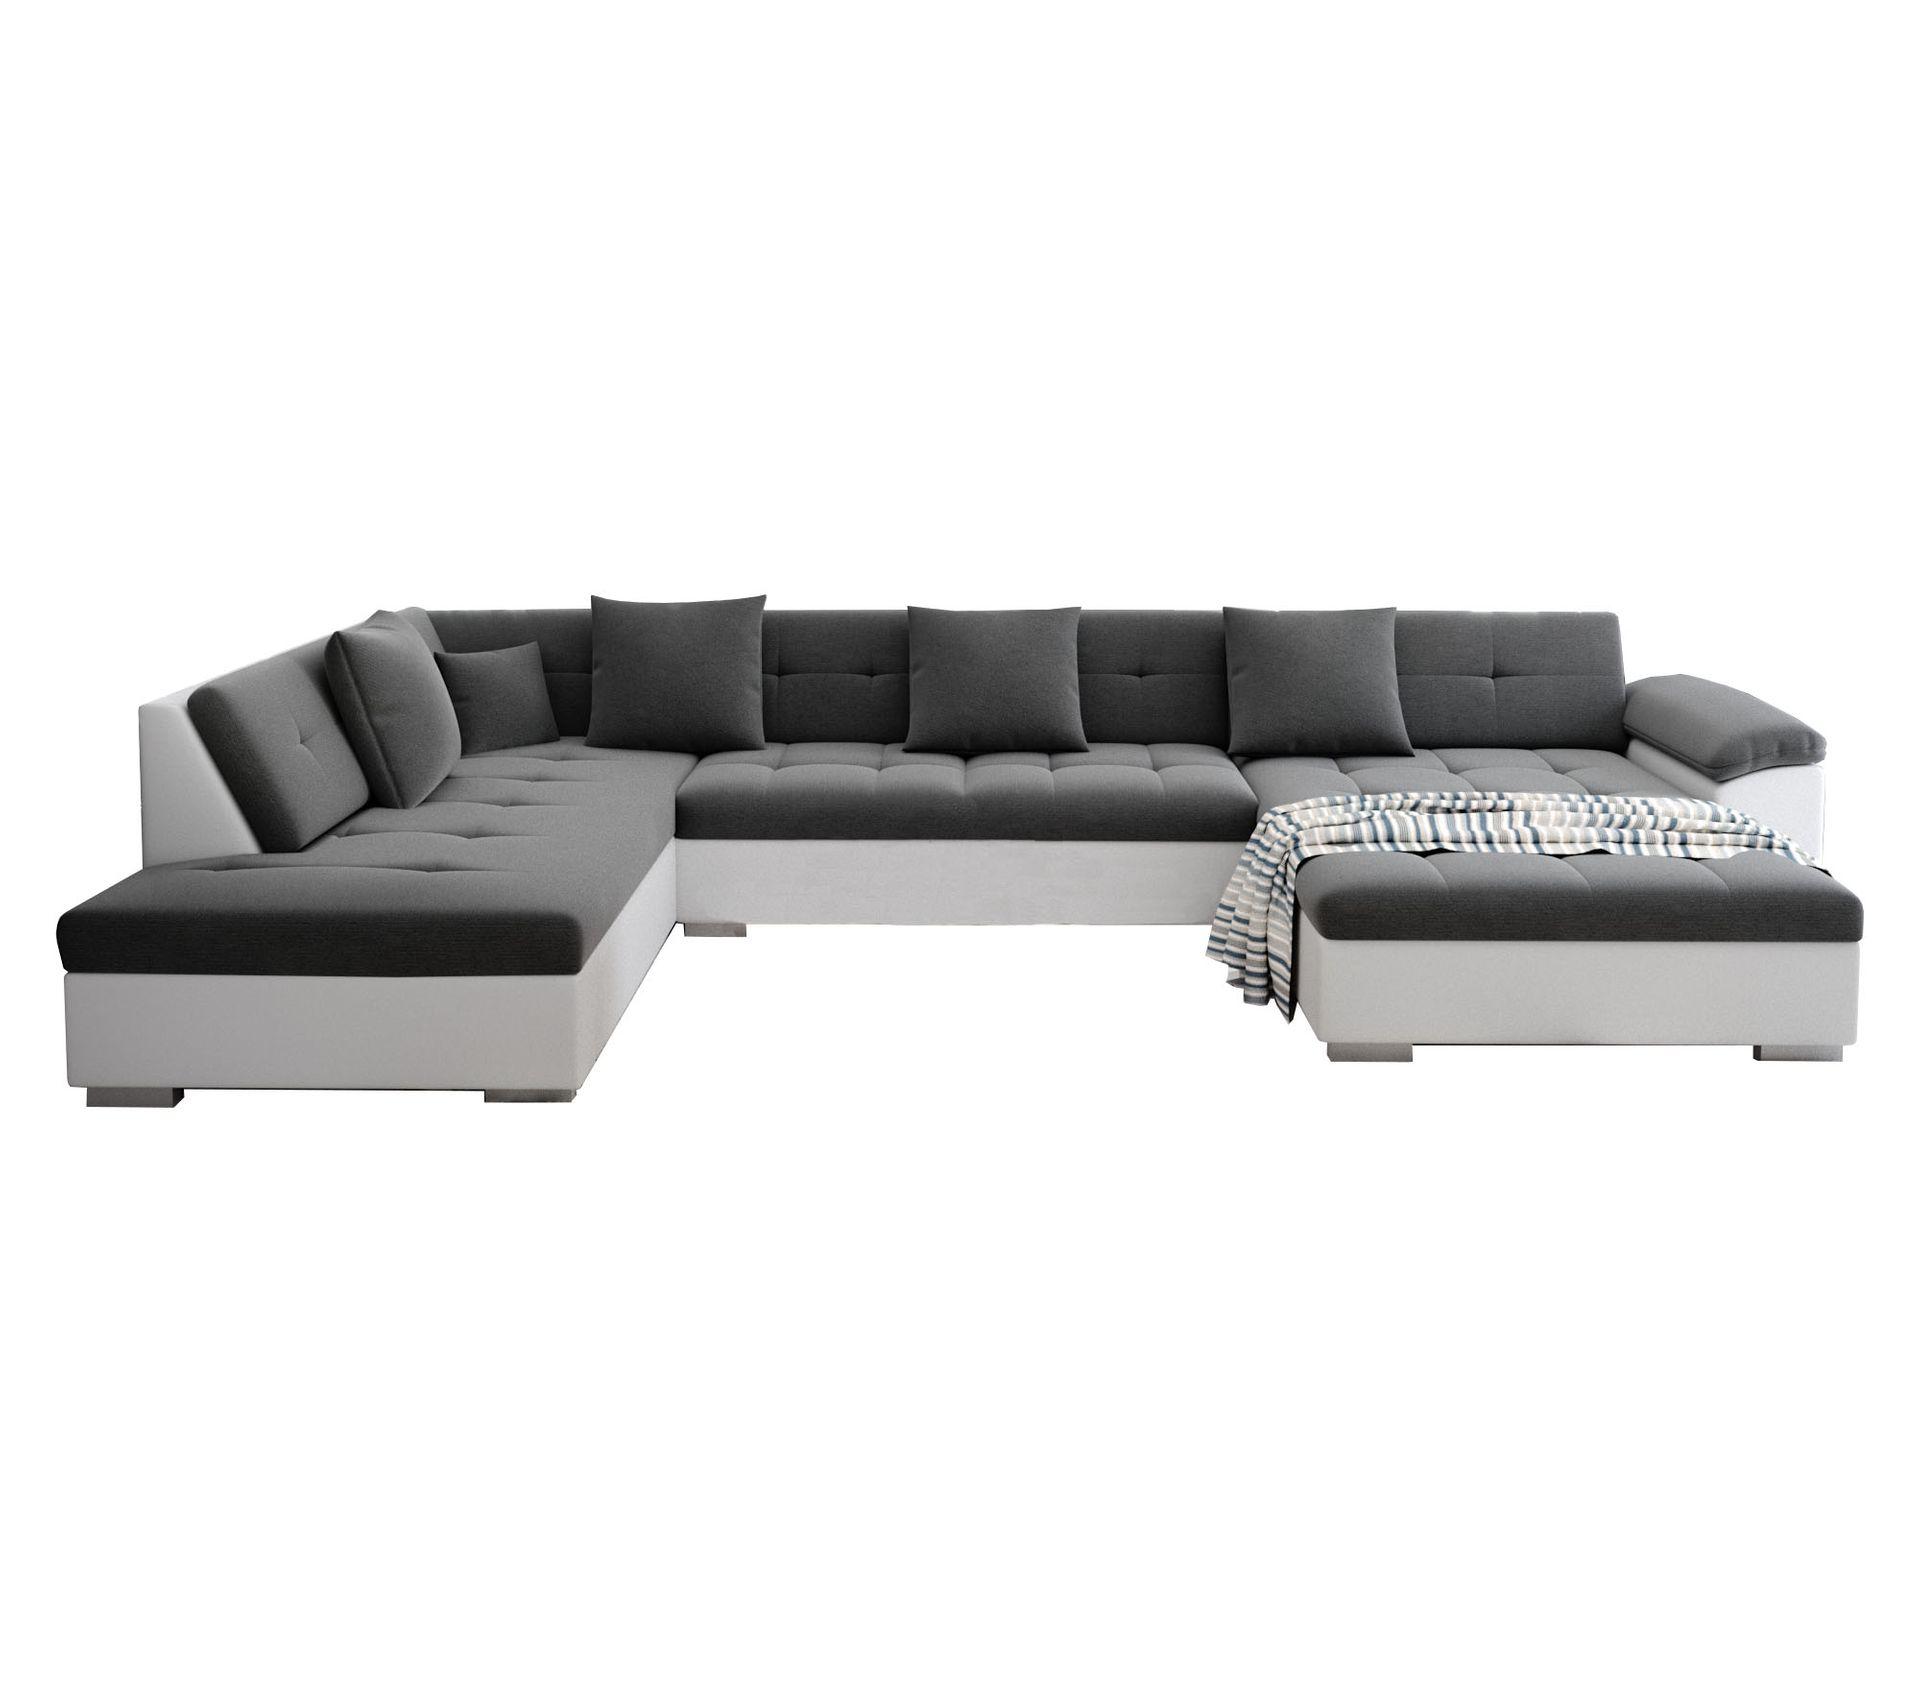 Canapé Qui S Affaisse Solution atis - canapé dangle panoramique xxl en u - en tissu - angle gauche (gris  et blanc)